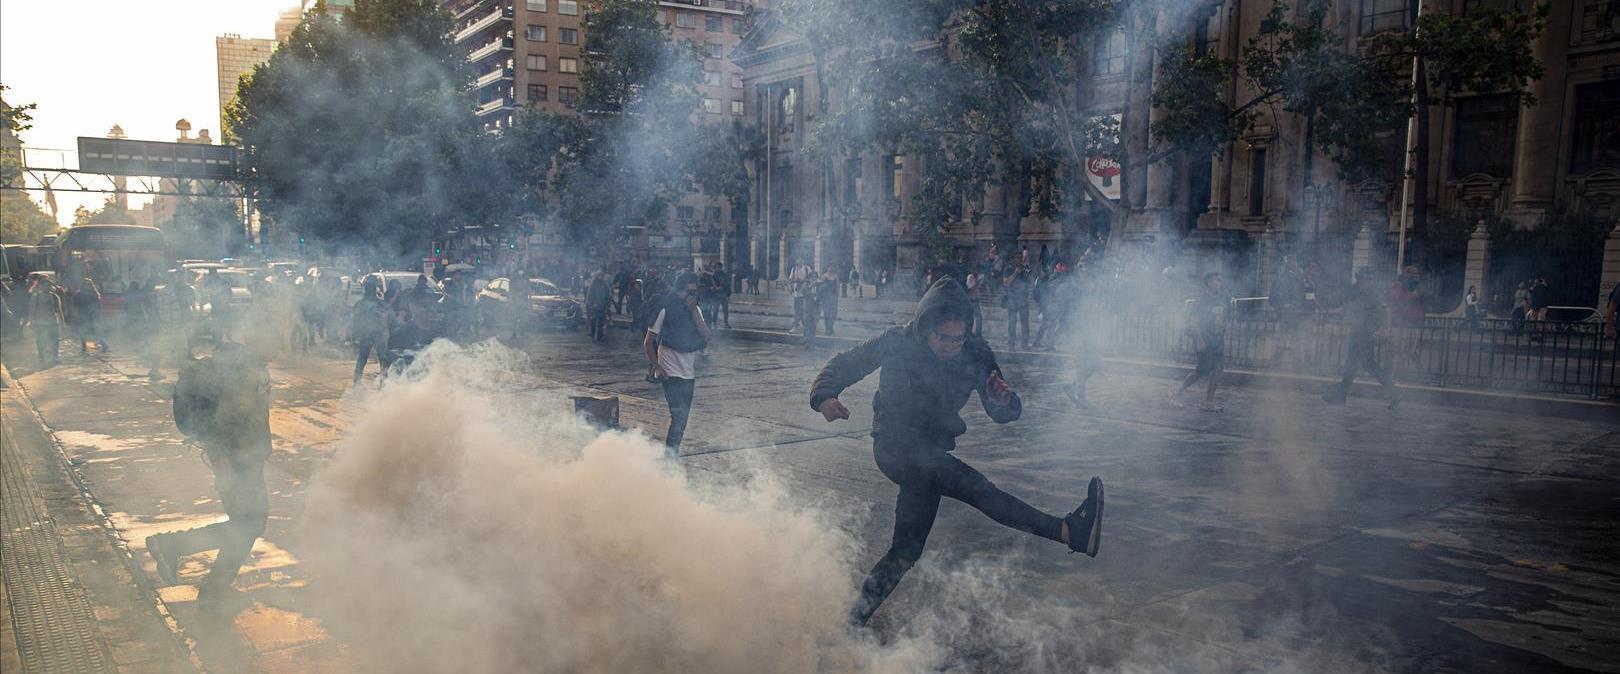 מפגינים בסנטיאגו, אתמול